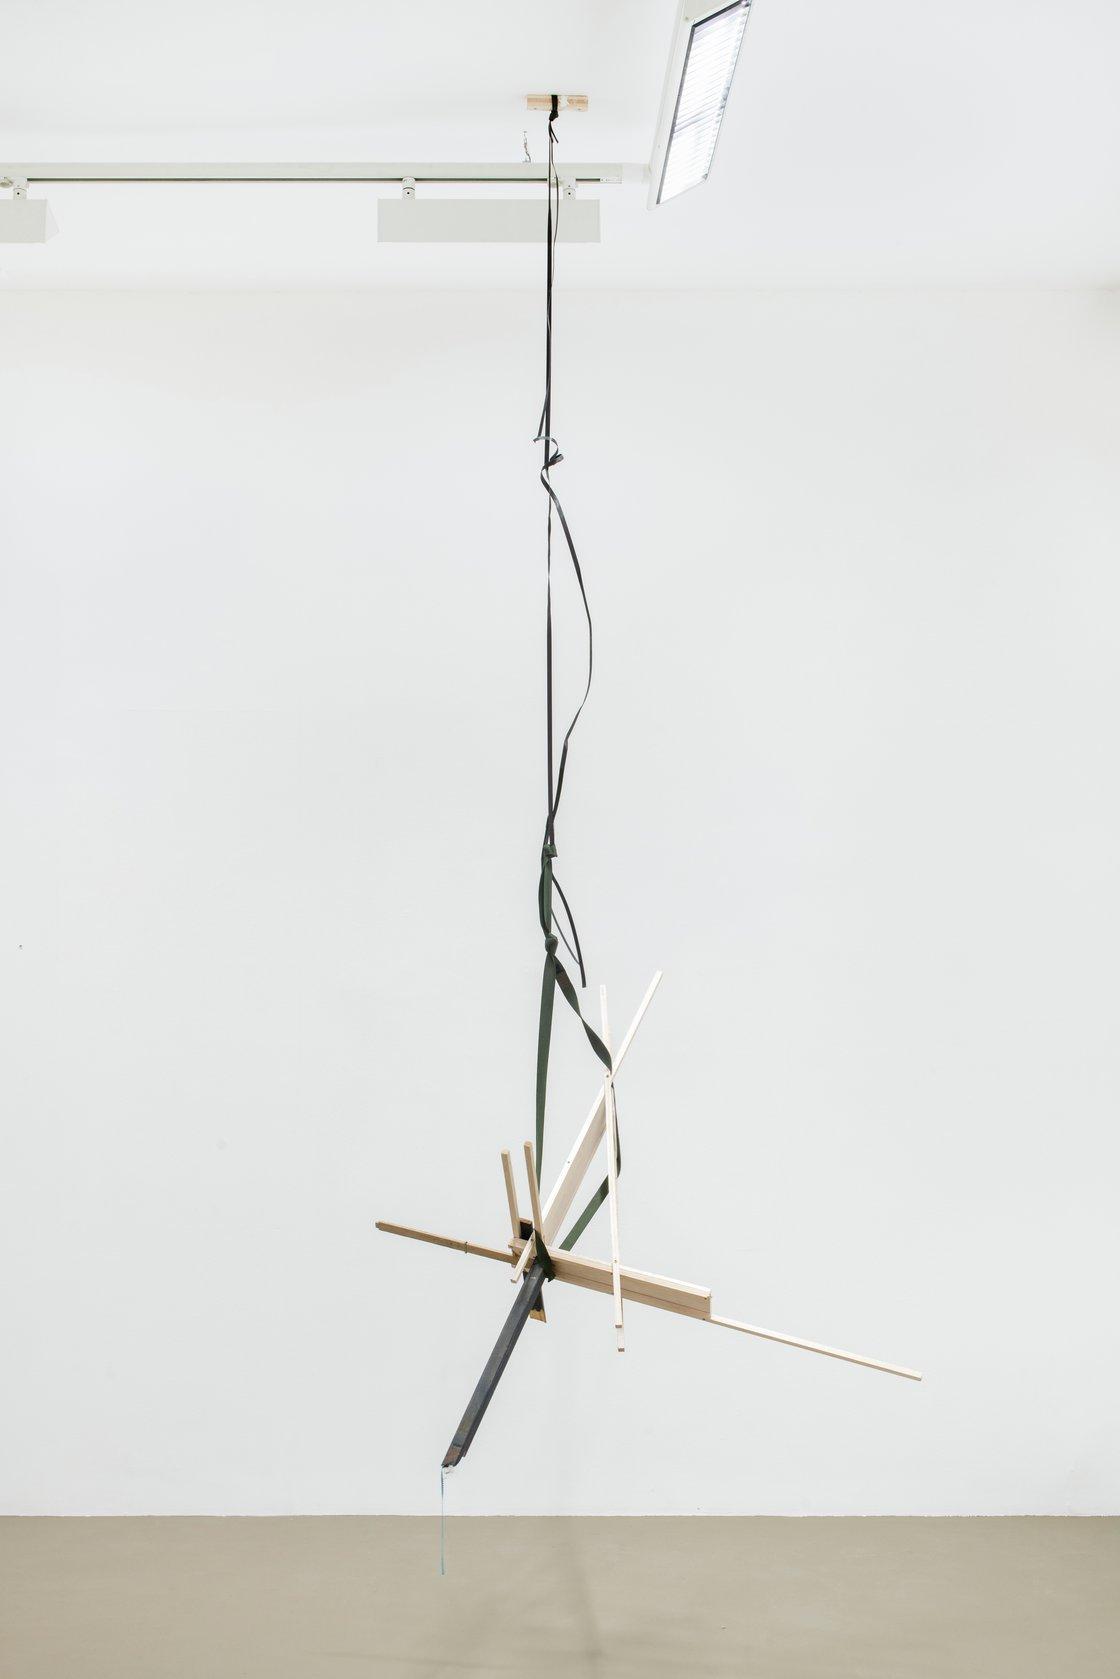 Abraham Cruzvillegas, Untitled Portable Sculpture (La Señora de Las Nueces) 1, 2020-2021